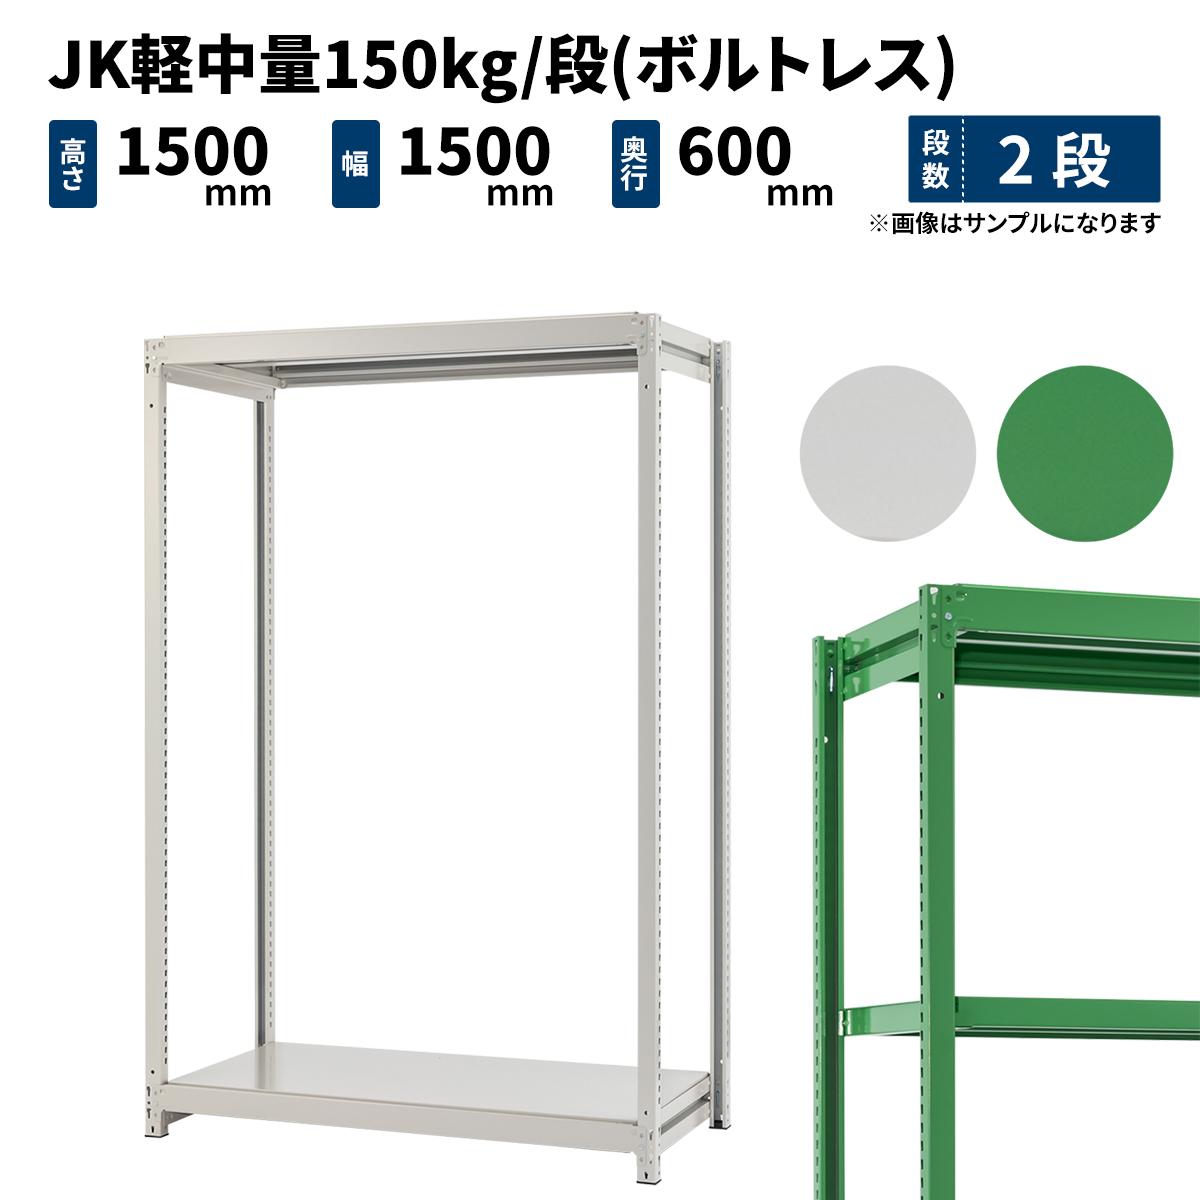 スチールラック 業務用 JK軽中量150kg/段(ボルトレス) 単体形式 高さ1500×幅1500×奥行600mm 2段 ホワイトグレー/グリーン (33kg) JK150_T-151506-2